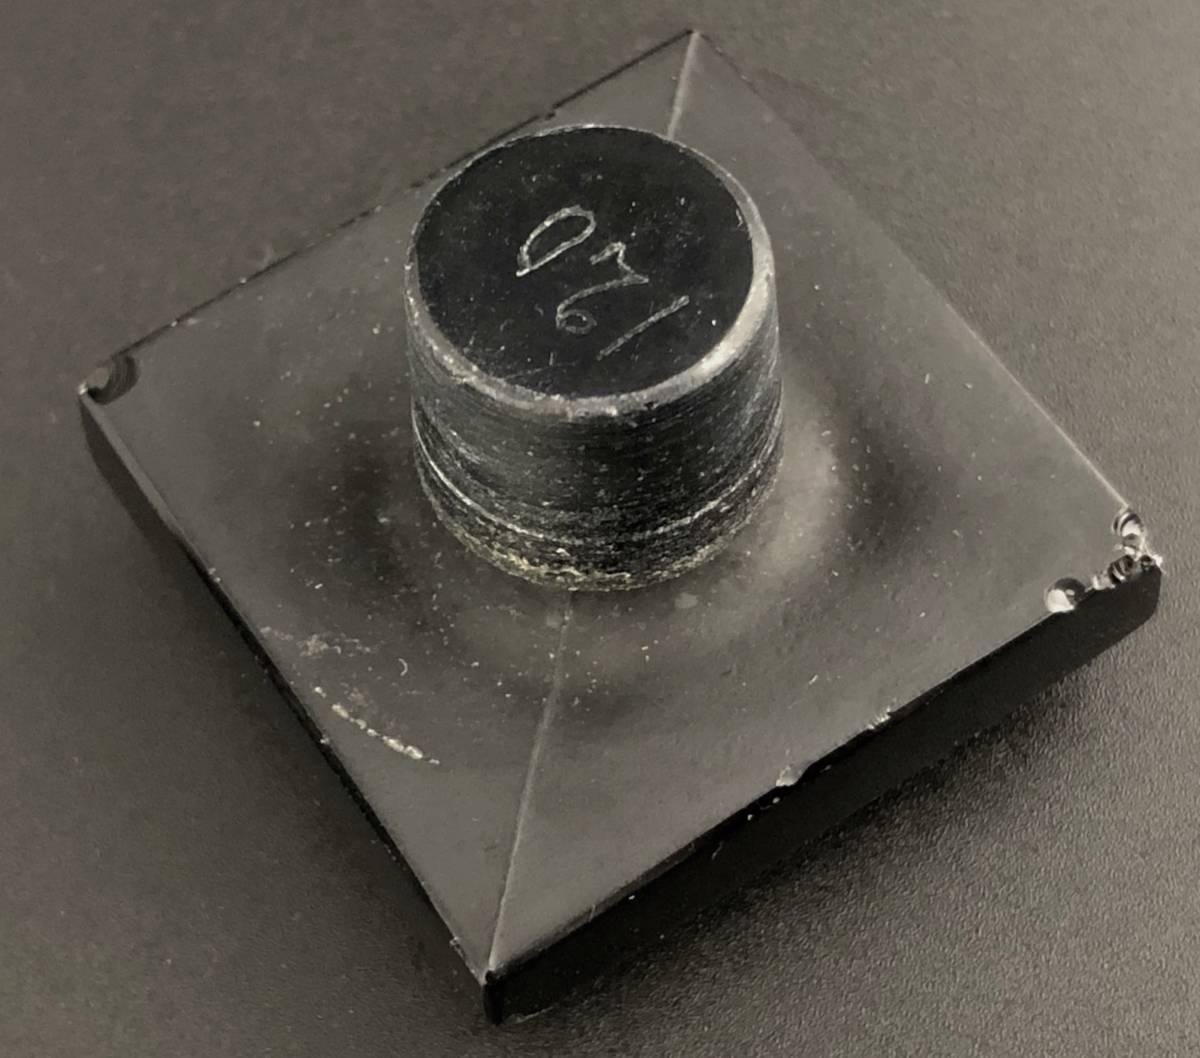 【値下げ可】/ルネ・ラリック/AMBRE D'ORSAY/黒/アンブル・ドルセー/高さ13cm/香水瓶/Lalique/フランス有名ブランド/ガラス工芸/送料無料_画像6